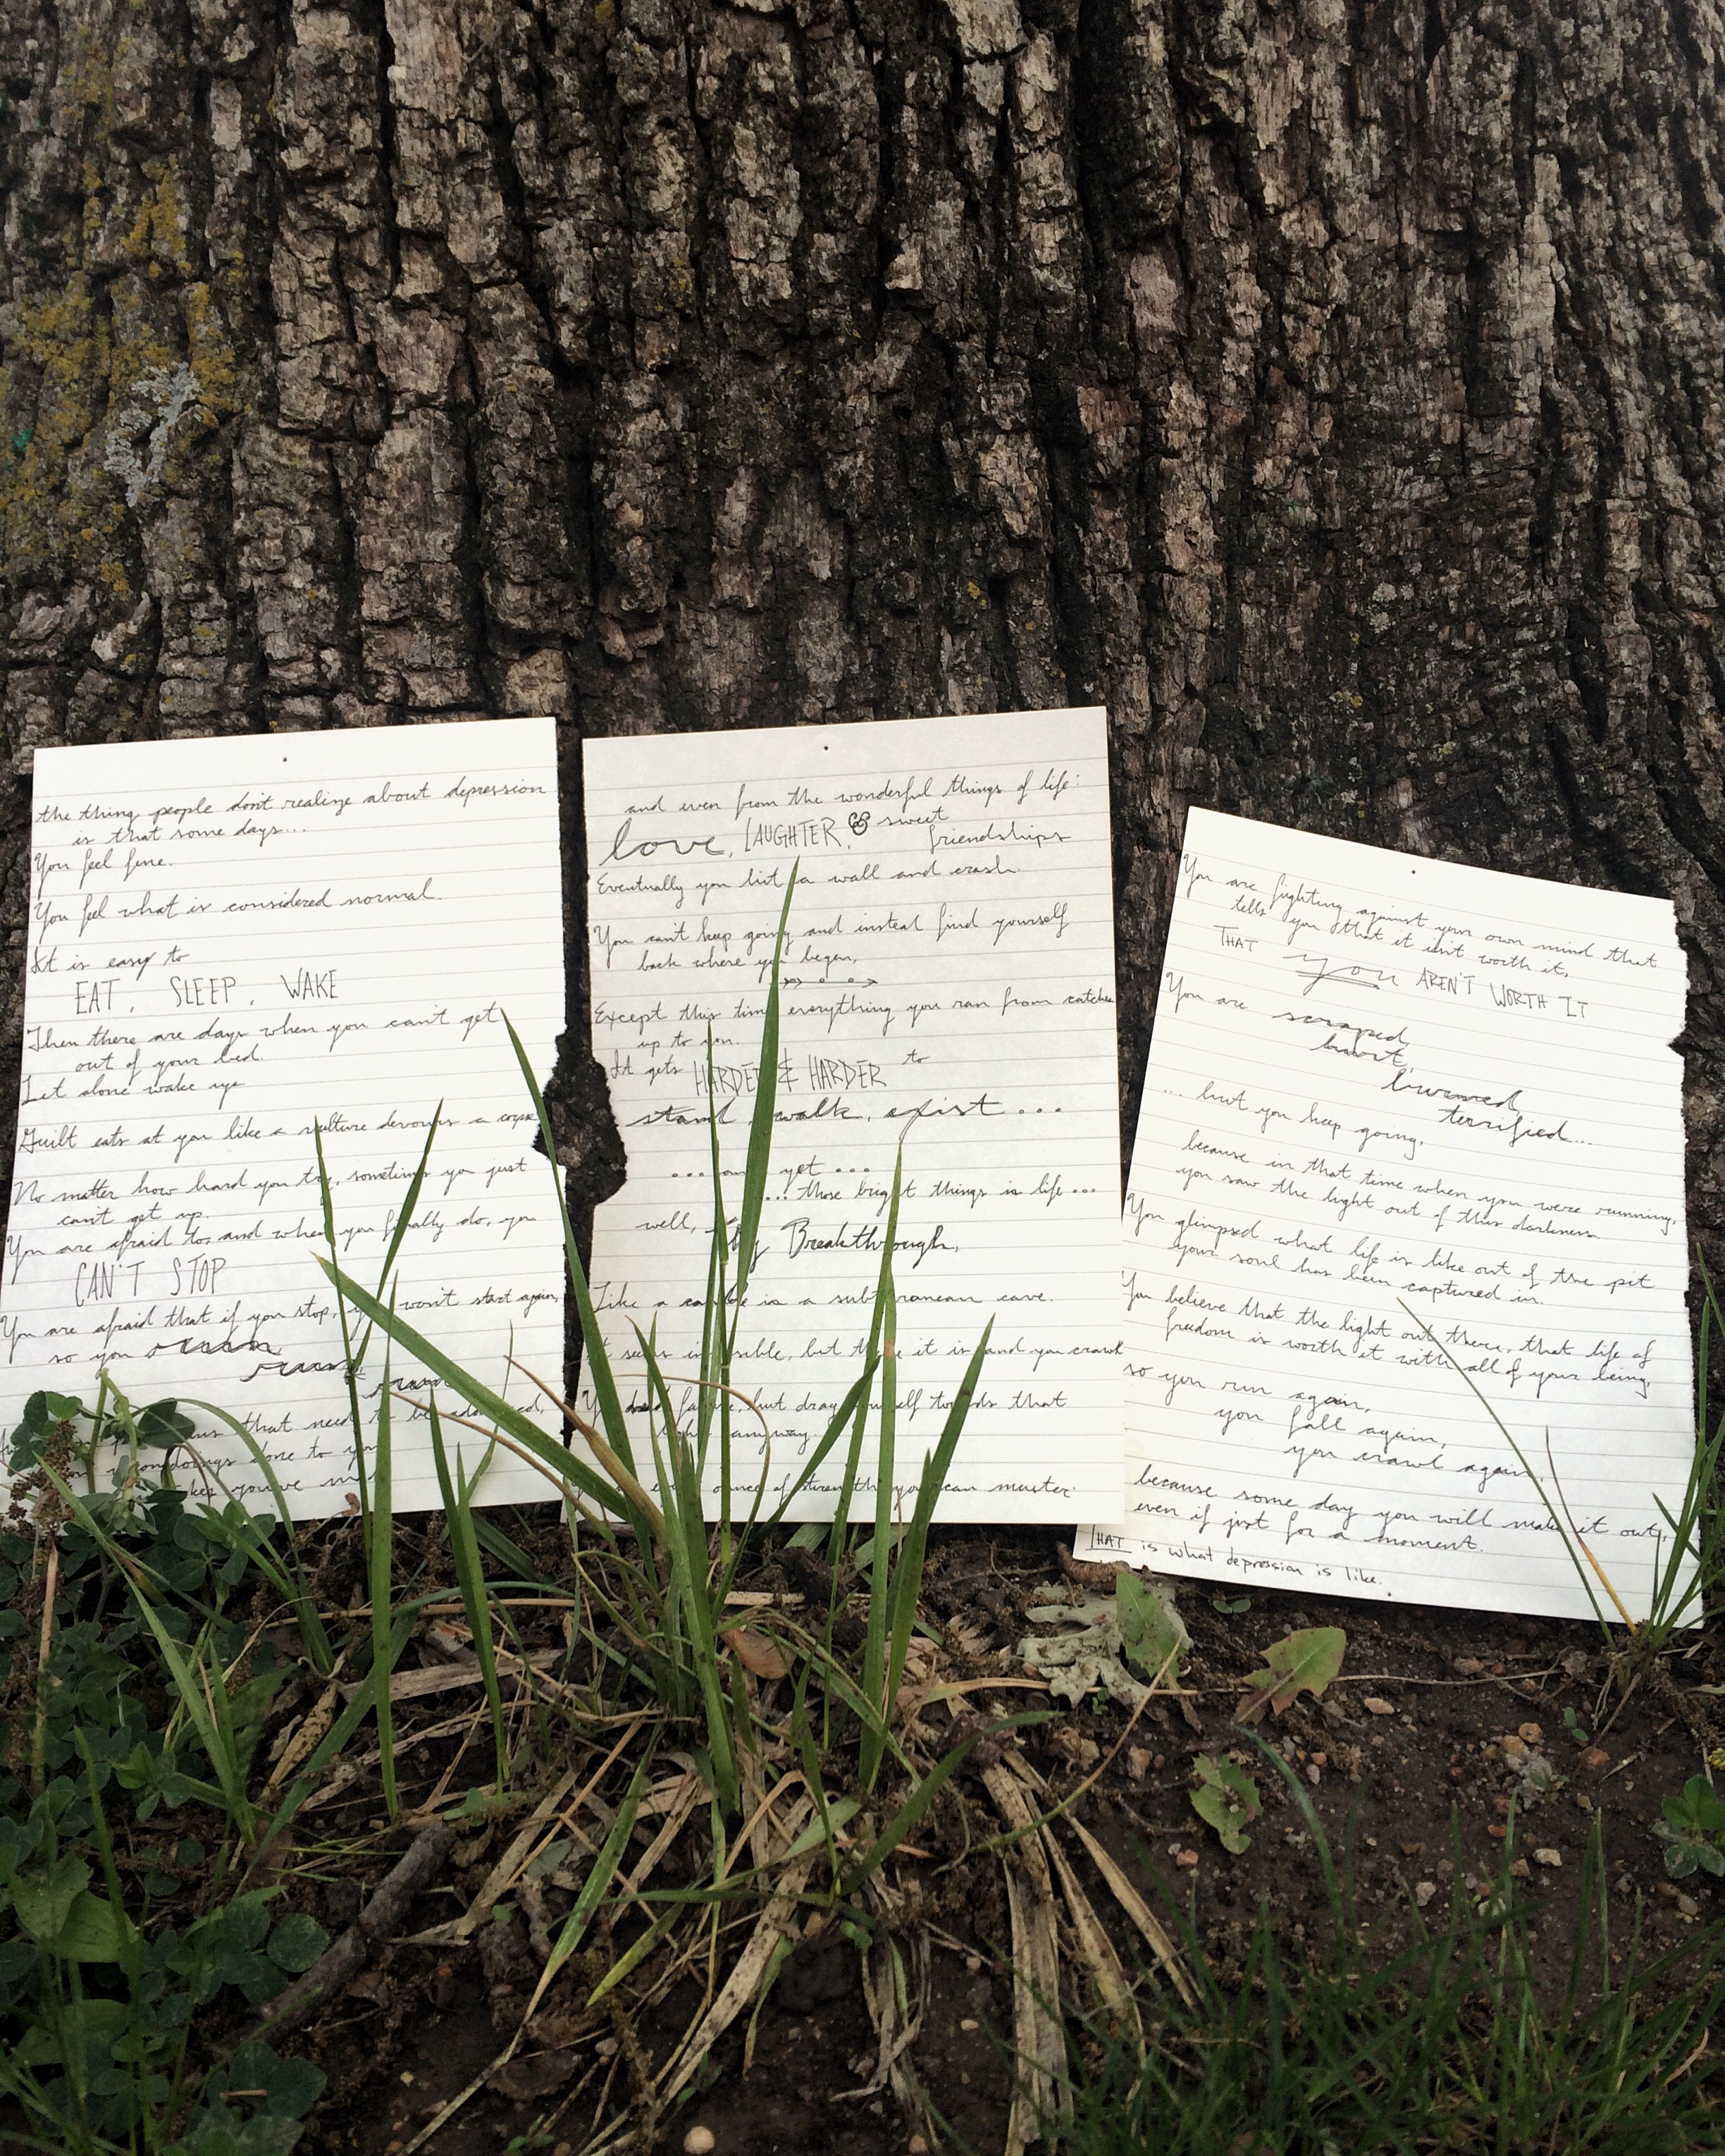 handwritten depression poem